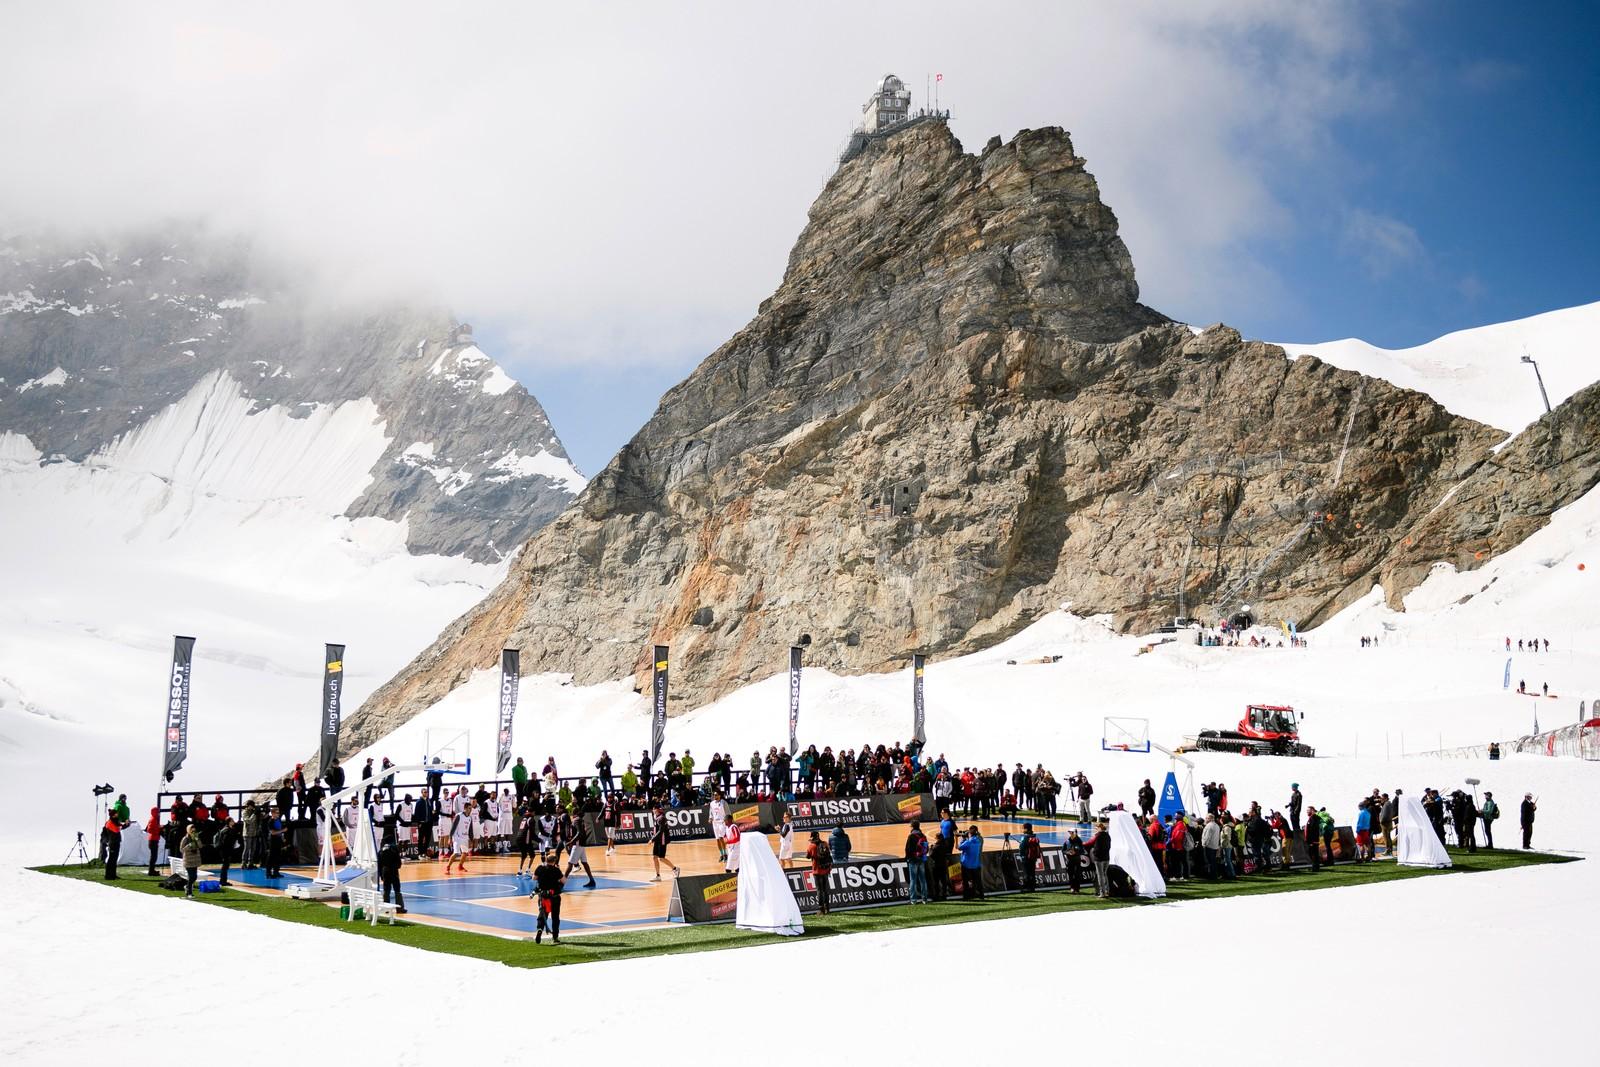 Den franske NBA-stjernen Tony Parker spilte en basketballkamp på Aletschisbreen (3454 m.o.h.) i Jungfraujoch-fjellpasset i Sveits 14. september. Parkers lag hadde spillere fra det franske laget ASVEL Villeurbanne, motstanderlaget besto av spillere fra den sveitsiske basketligaen. Kampen var et promoarrangement for en sveitsisk klokkeprodusent.